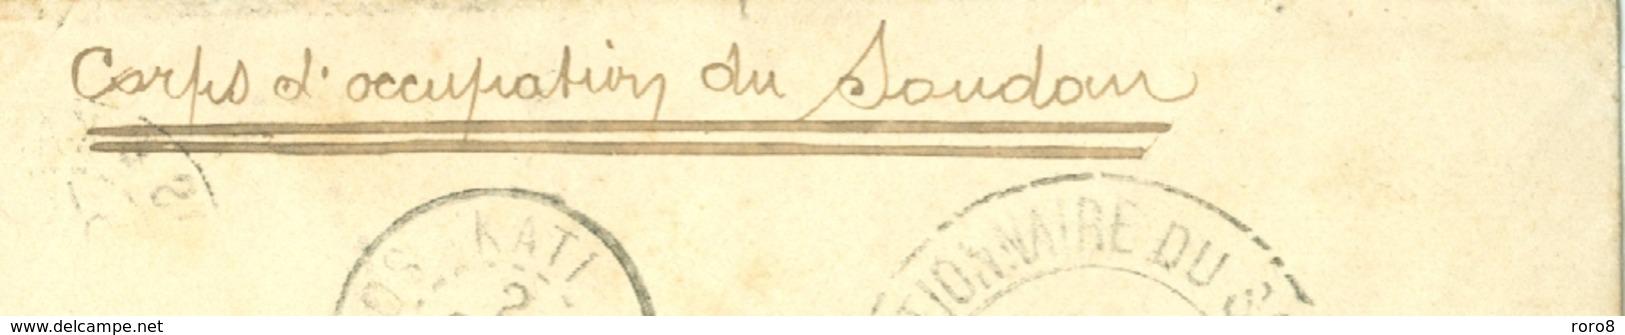 CORPS D'OCCUPATION DU SOUDAN CACHET SOUDAN DU 9 OCT. 1899 ET DIVERS AUTRES CACHETS AUSSI AU VERSO SIGN. DU VAGUEMESTRE - Sudan (1894-1902)